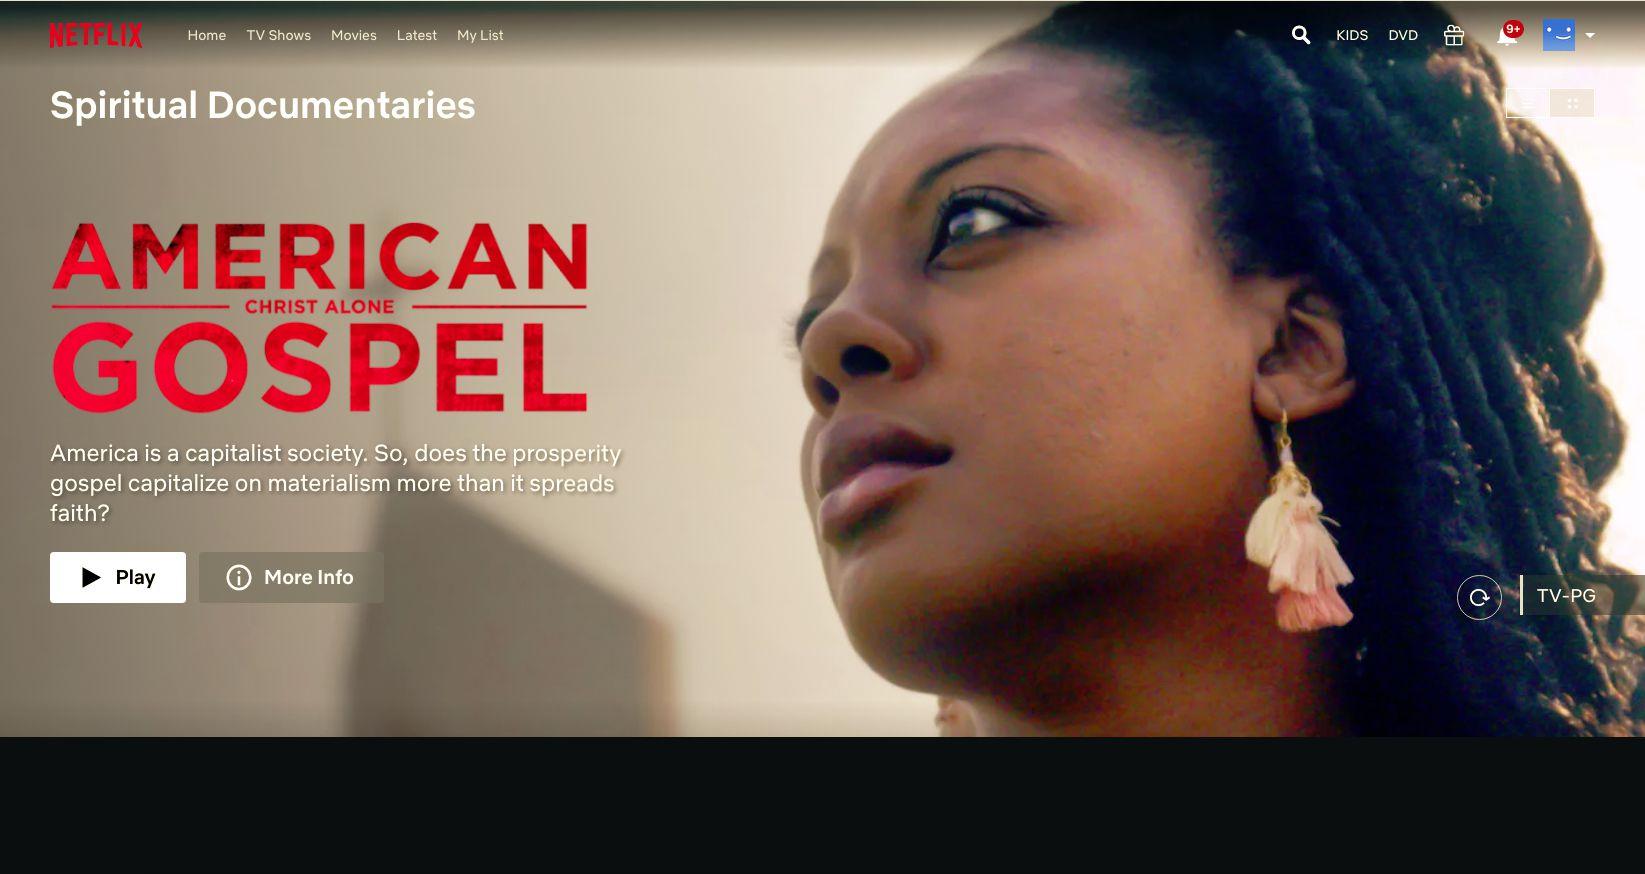 American Gospel movie found with Netflix secret codes